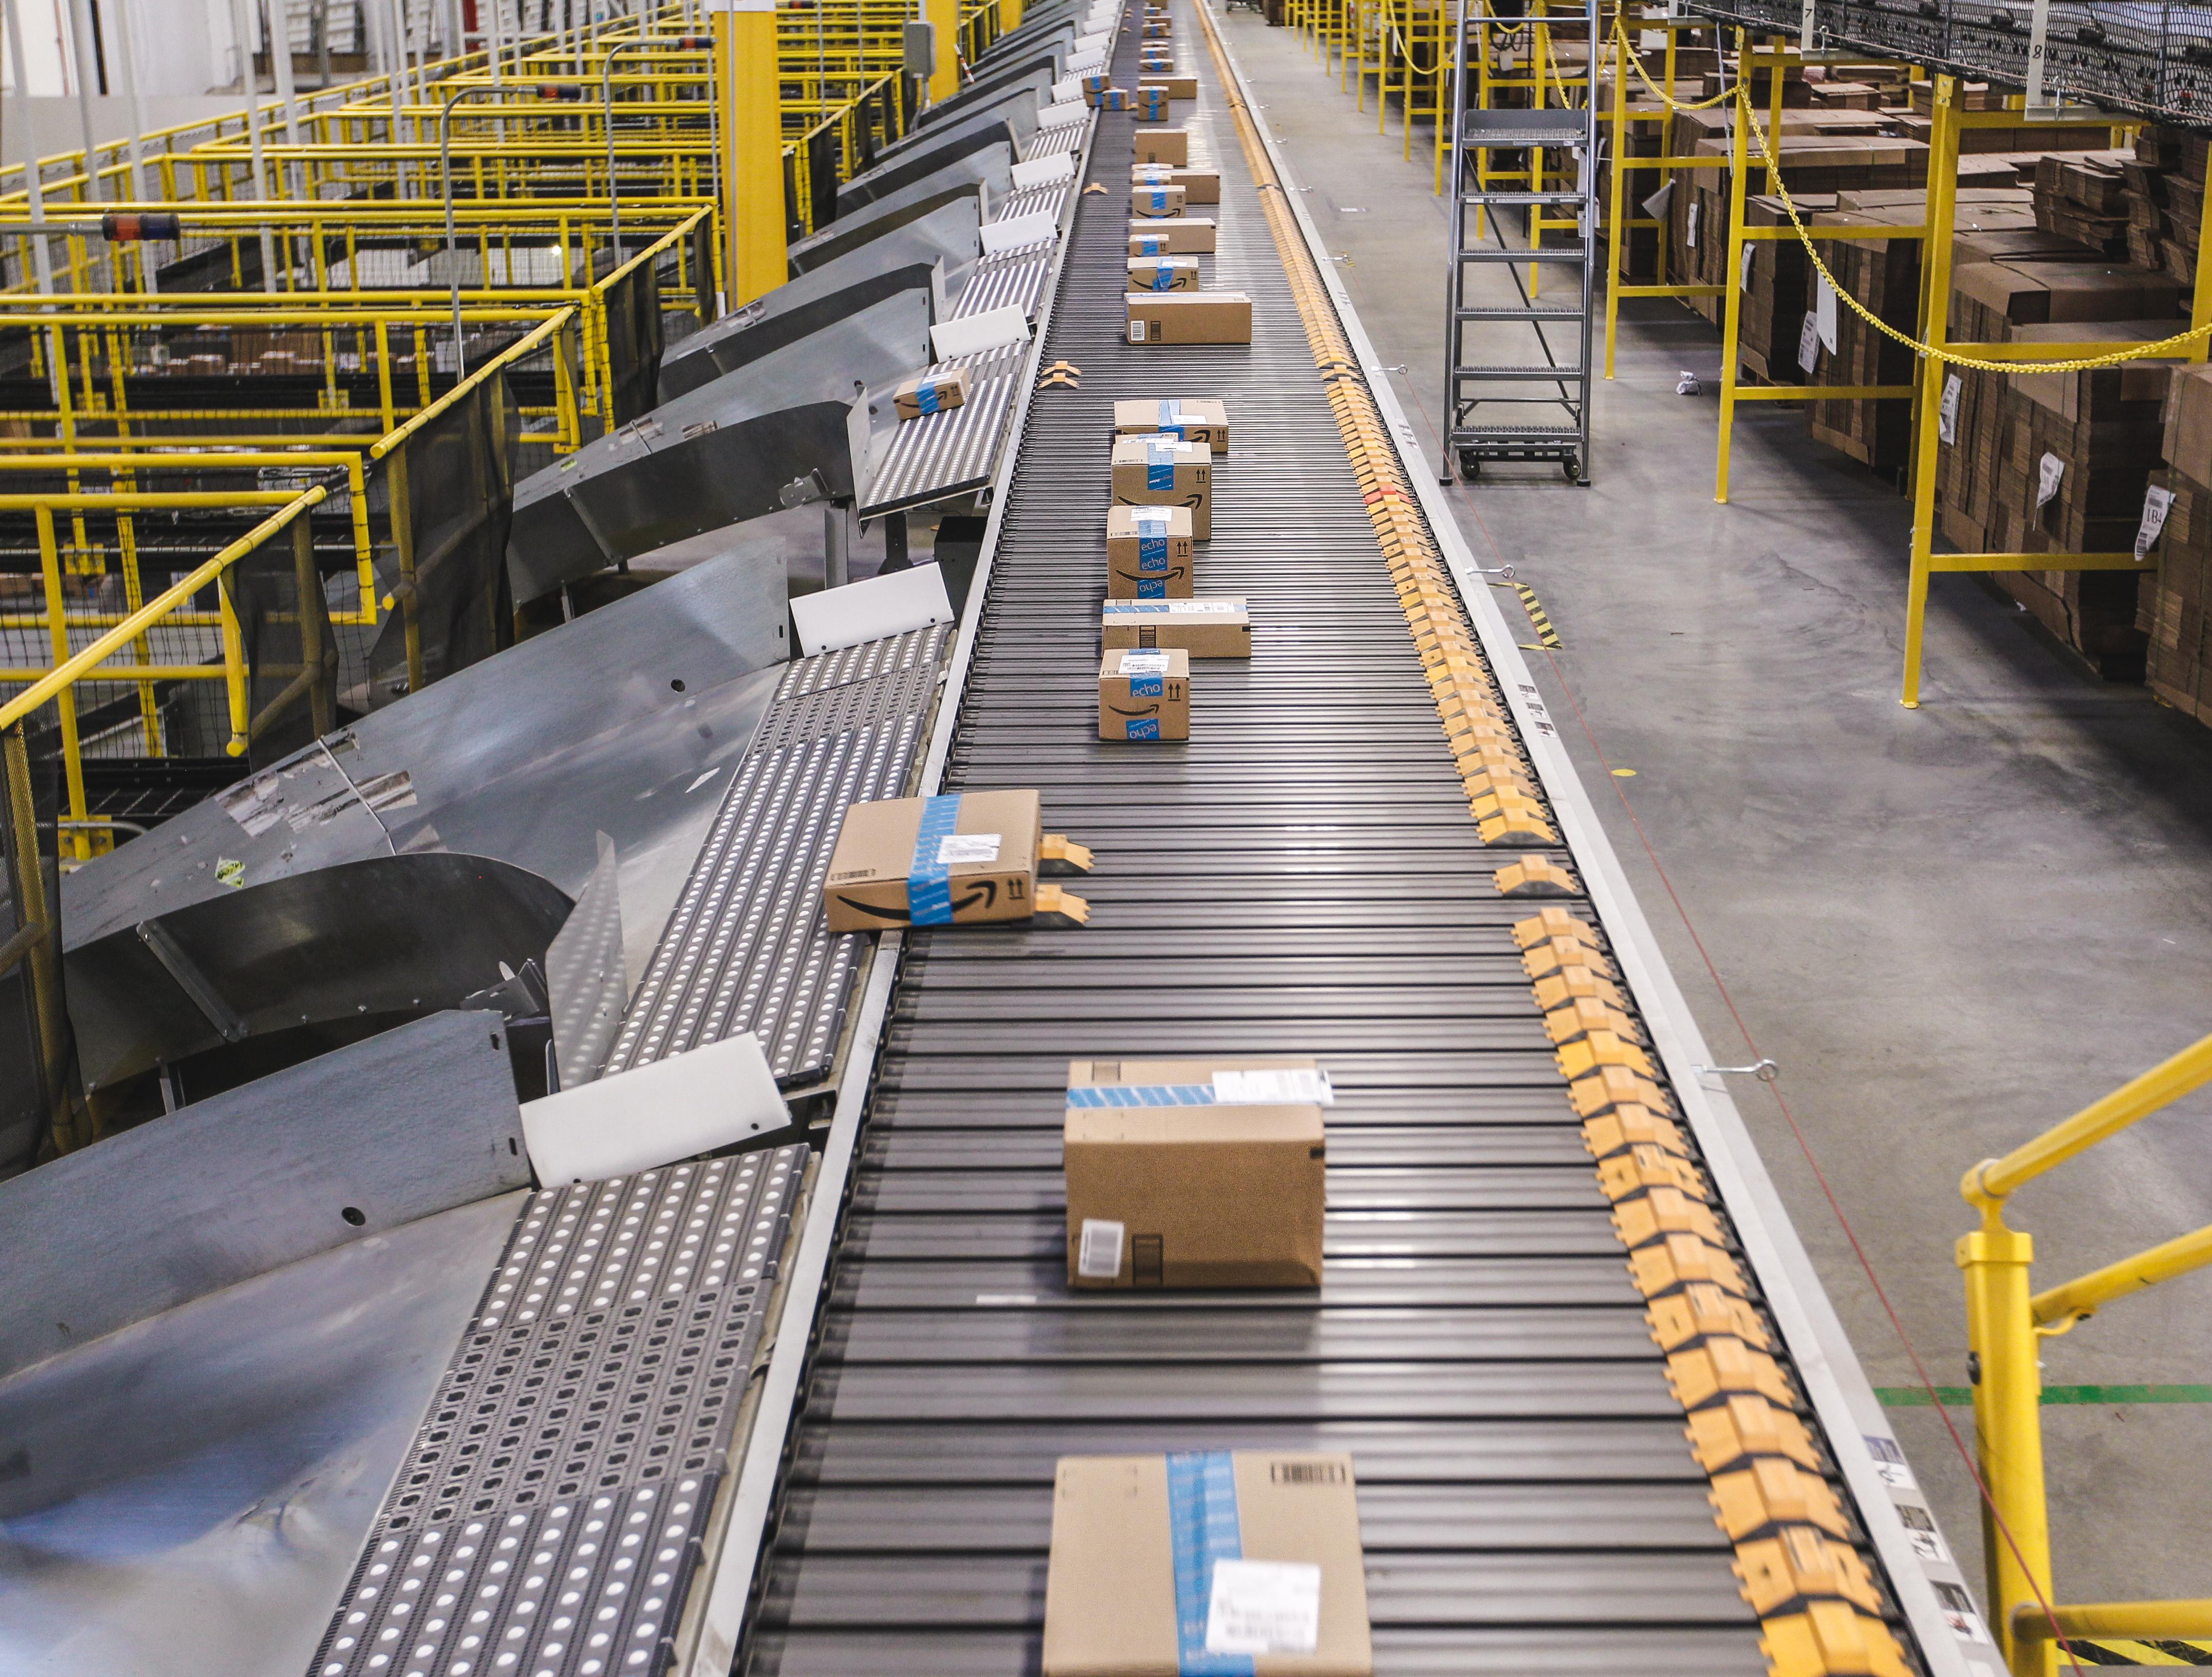 Amazon boxes in fulfillment center